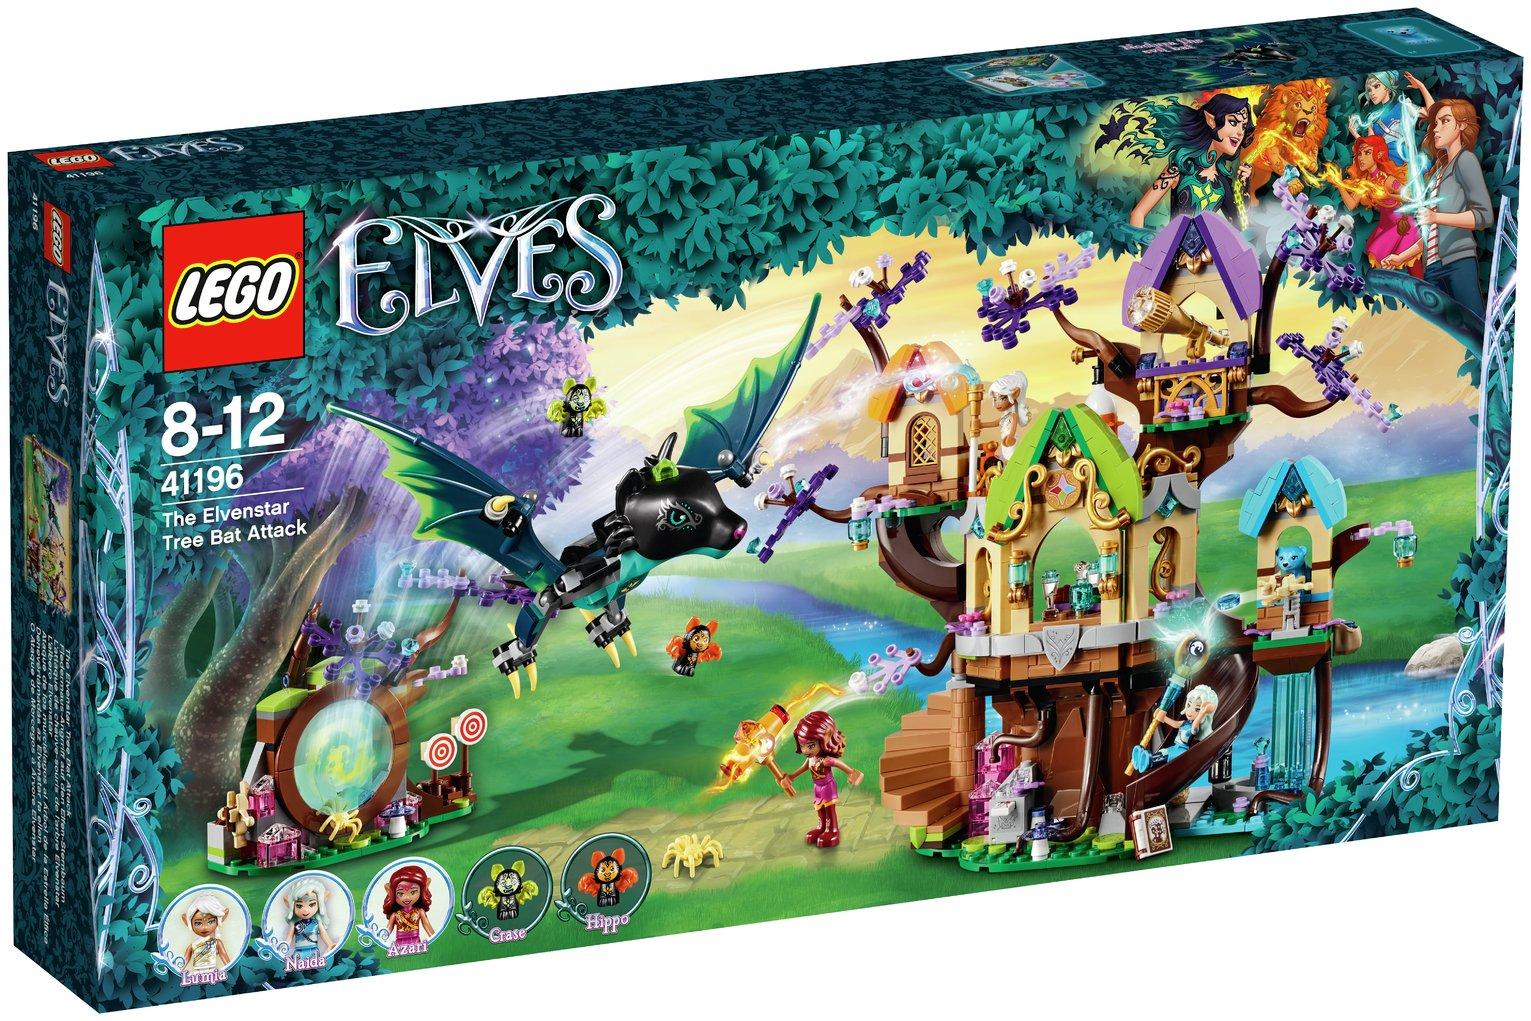 LEGO ELVES The Elvenstar Tree Bat Attack Toy - 41196